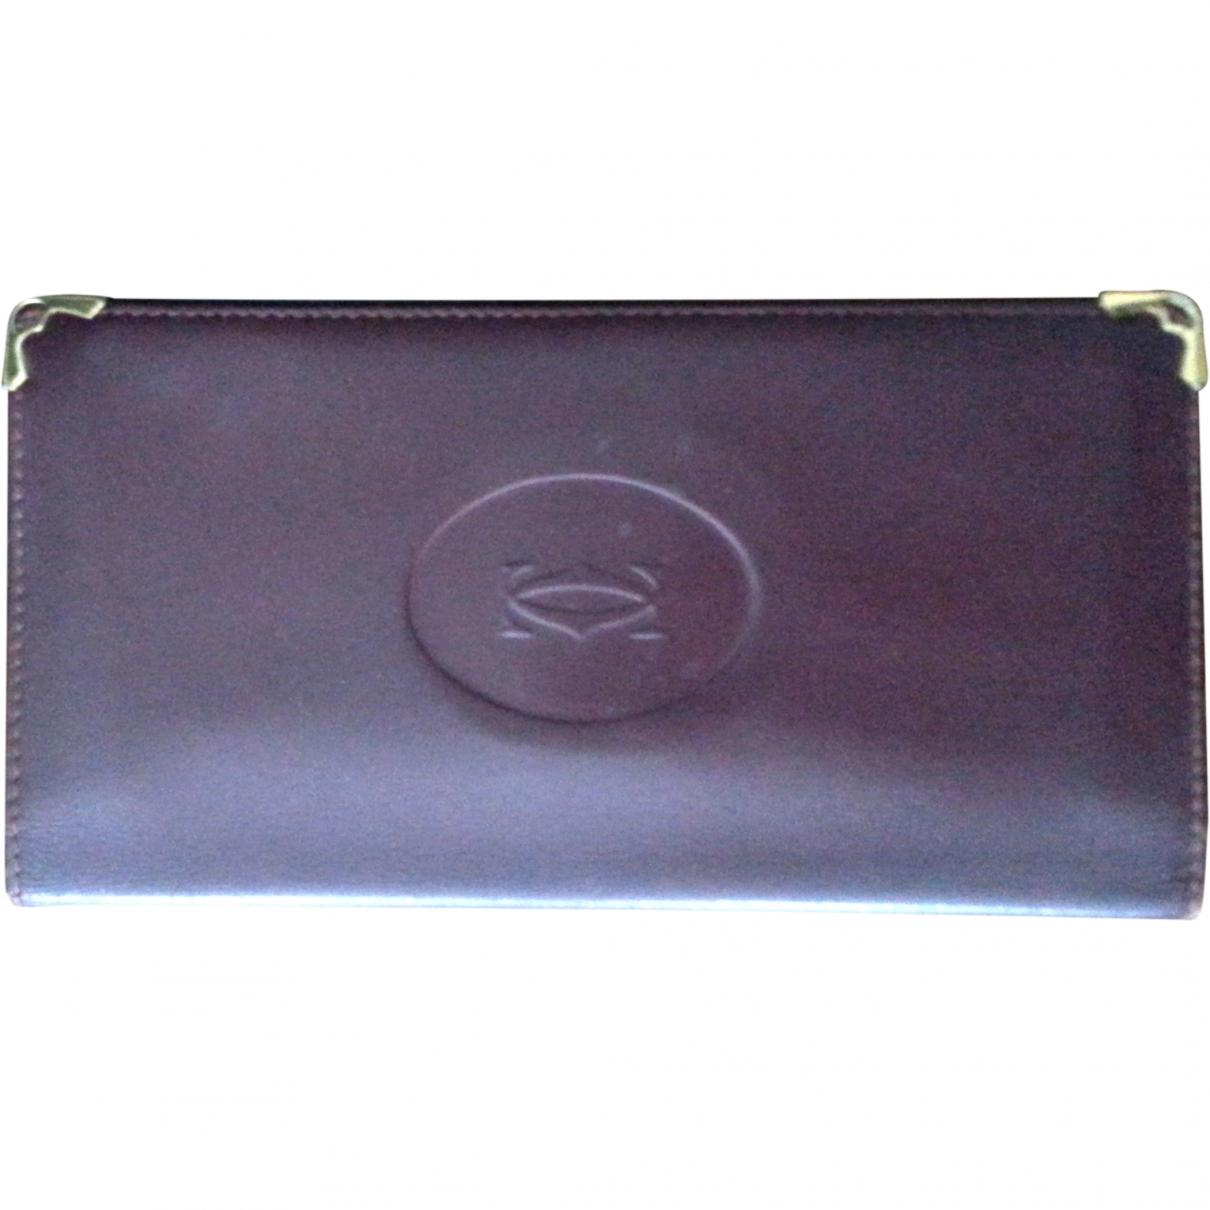 Cartier - Portefeuille   pour femme en cuir - rouge